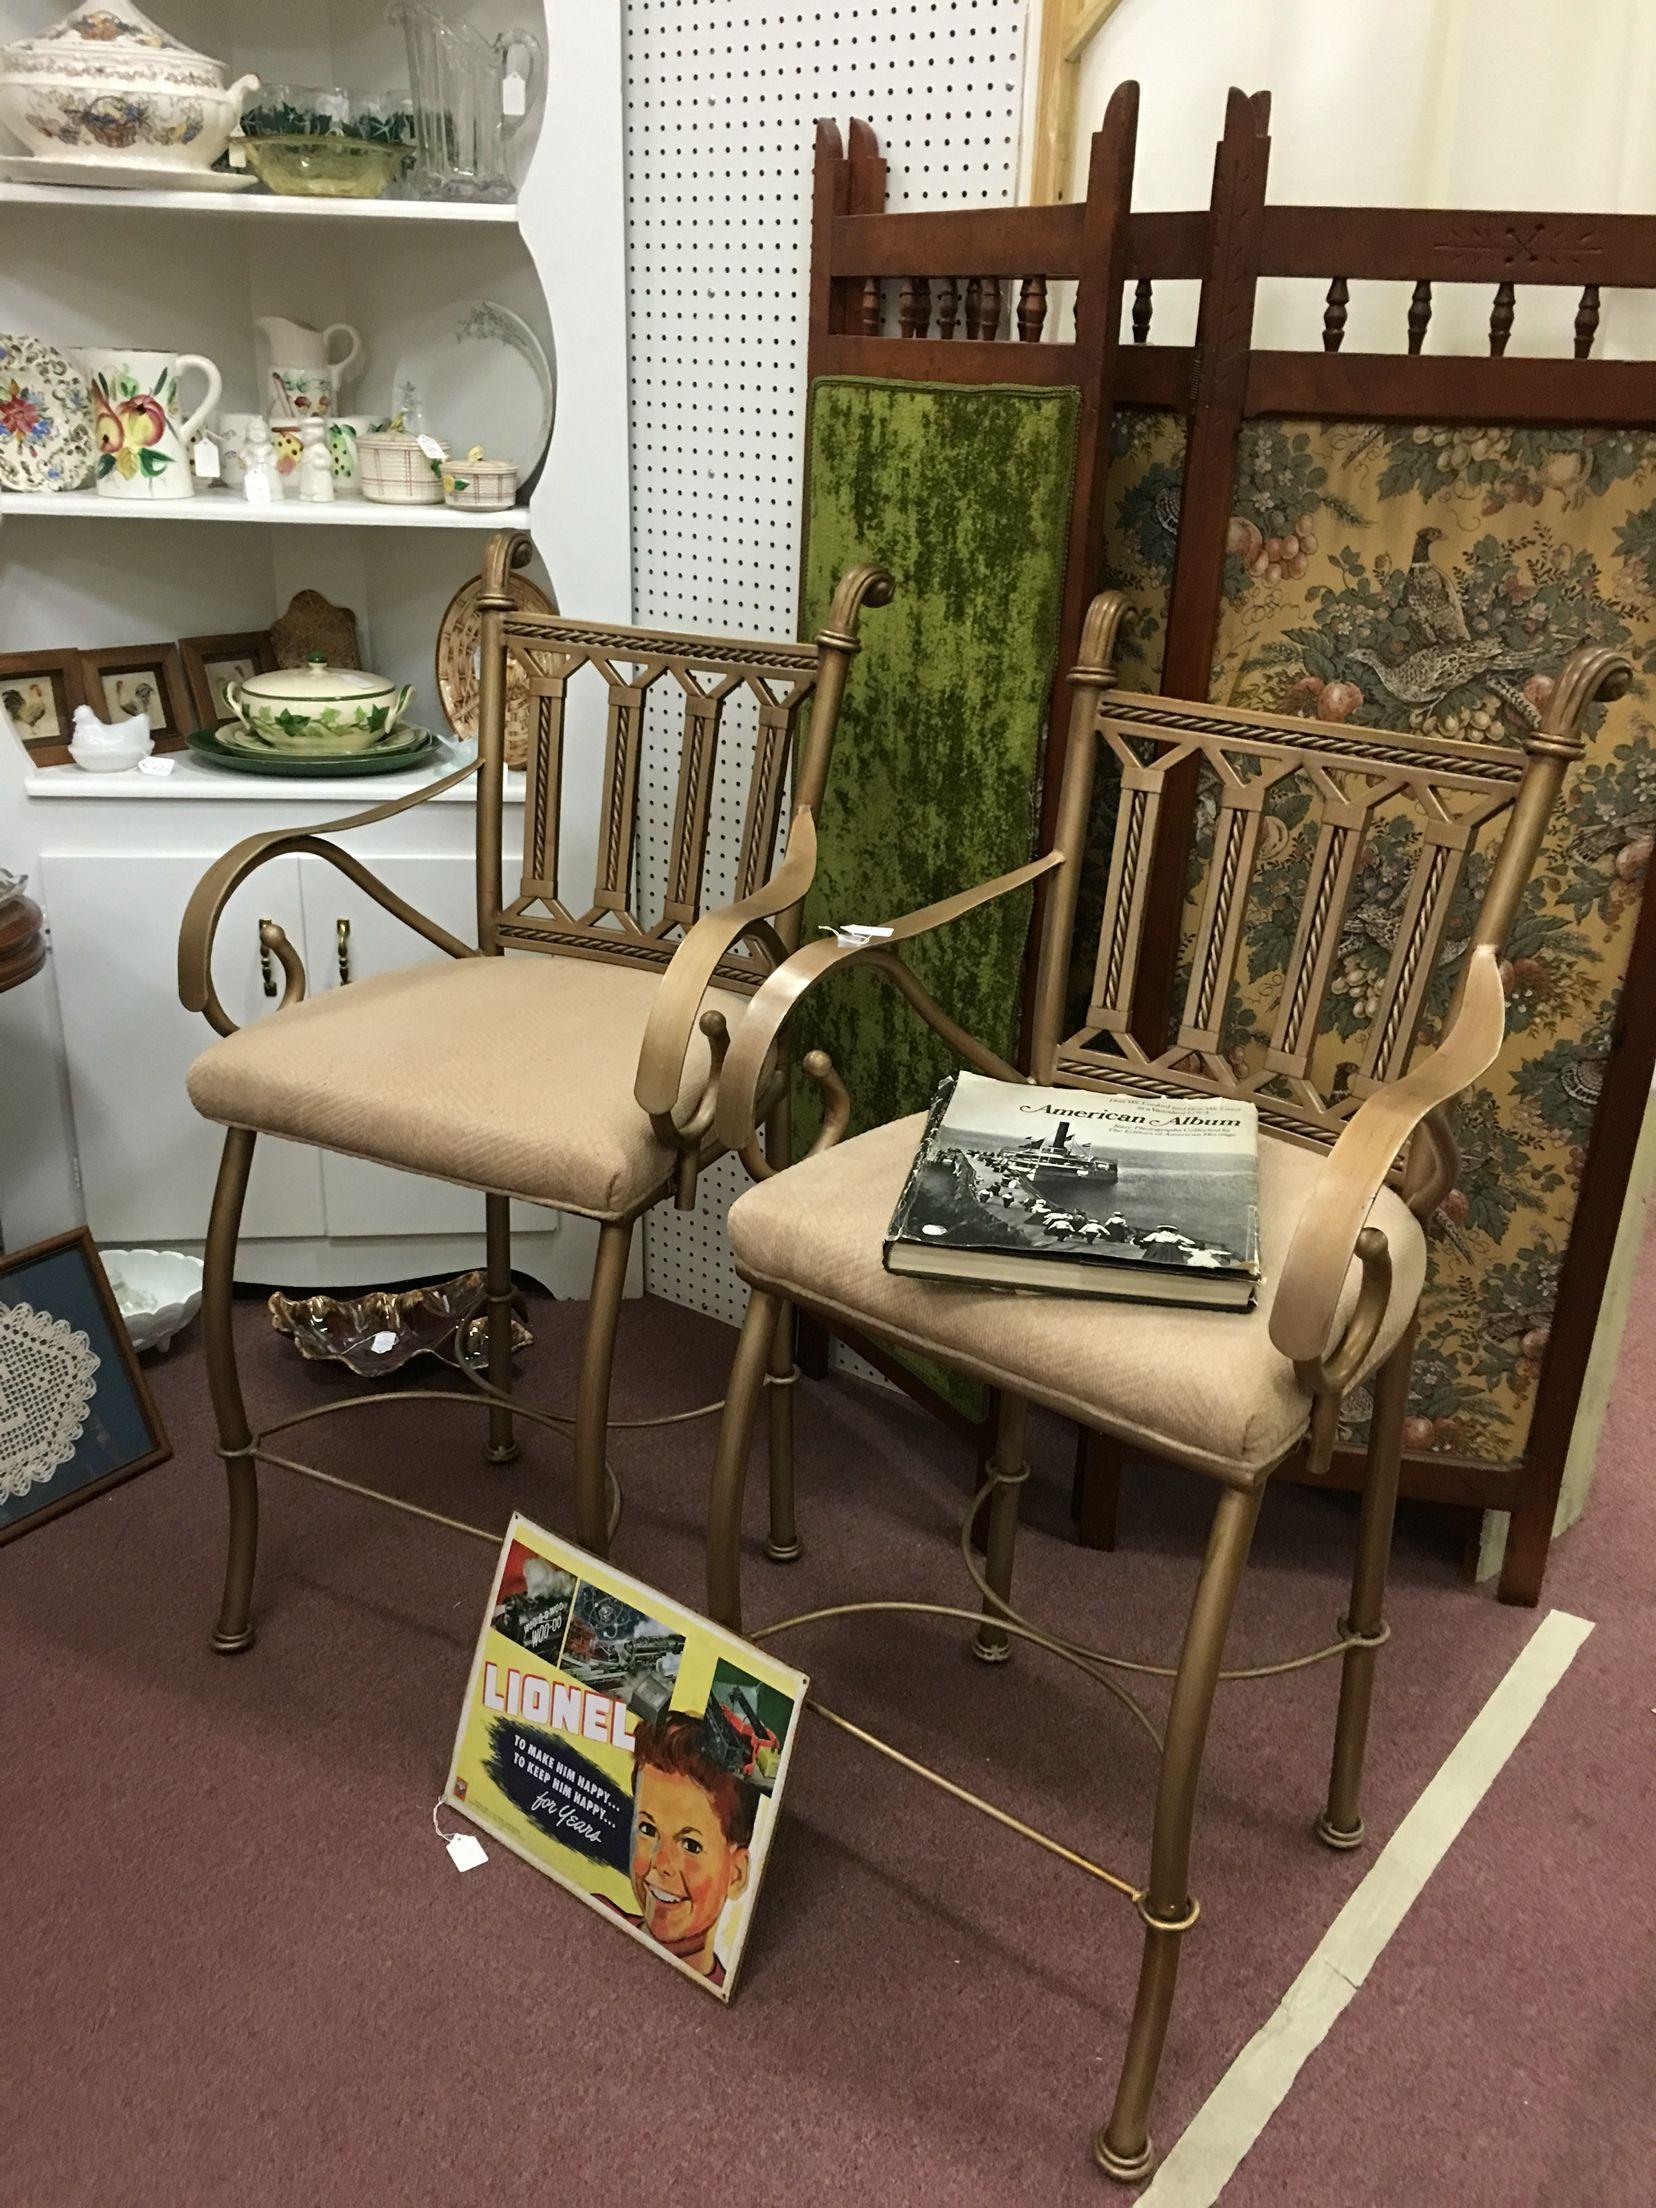 Great bar stools!!